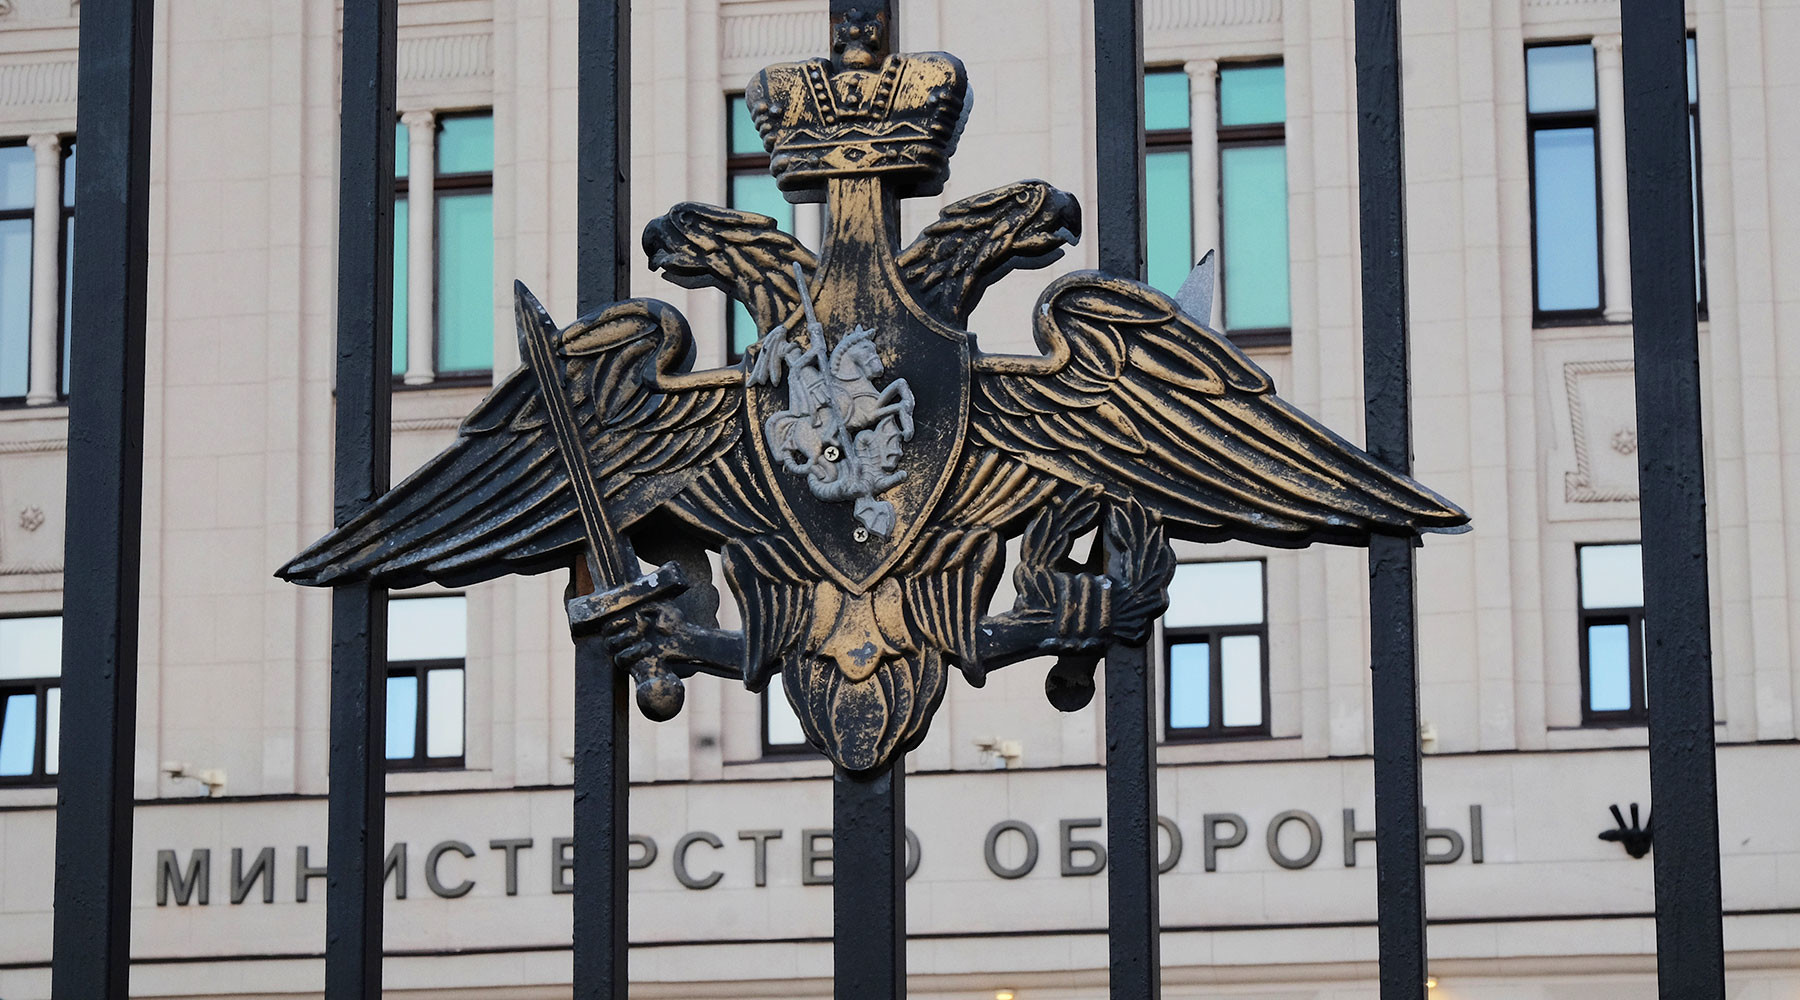 Минобороны России опровергло захват украинскими силовиками якобы российского военного